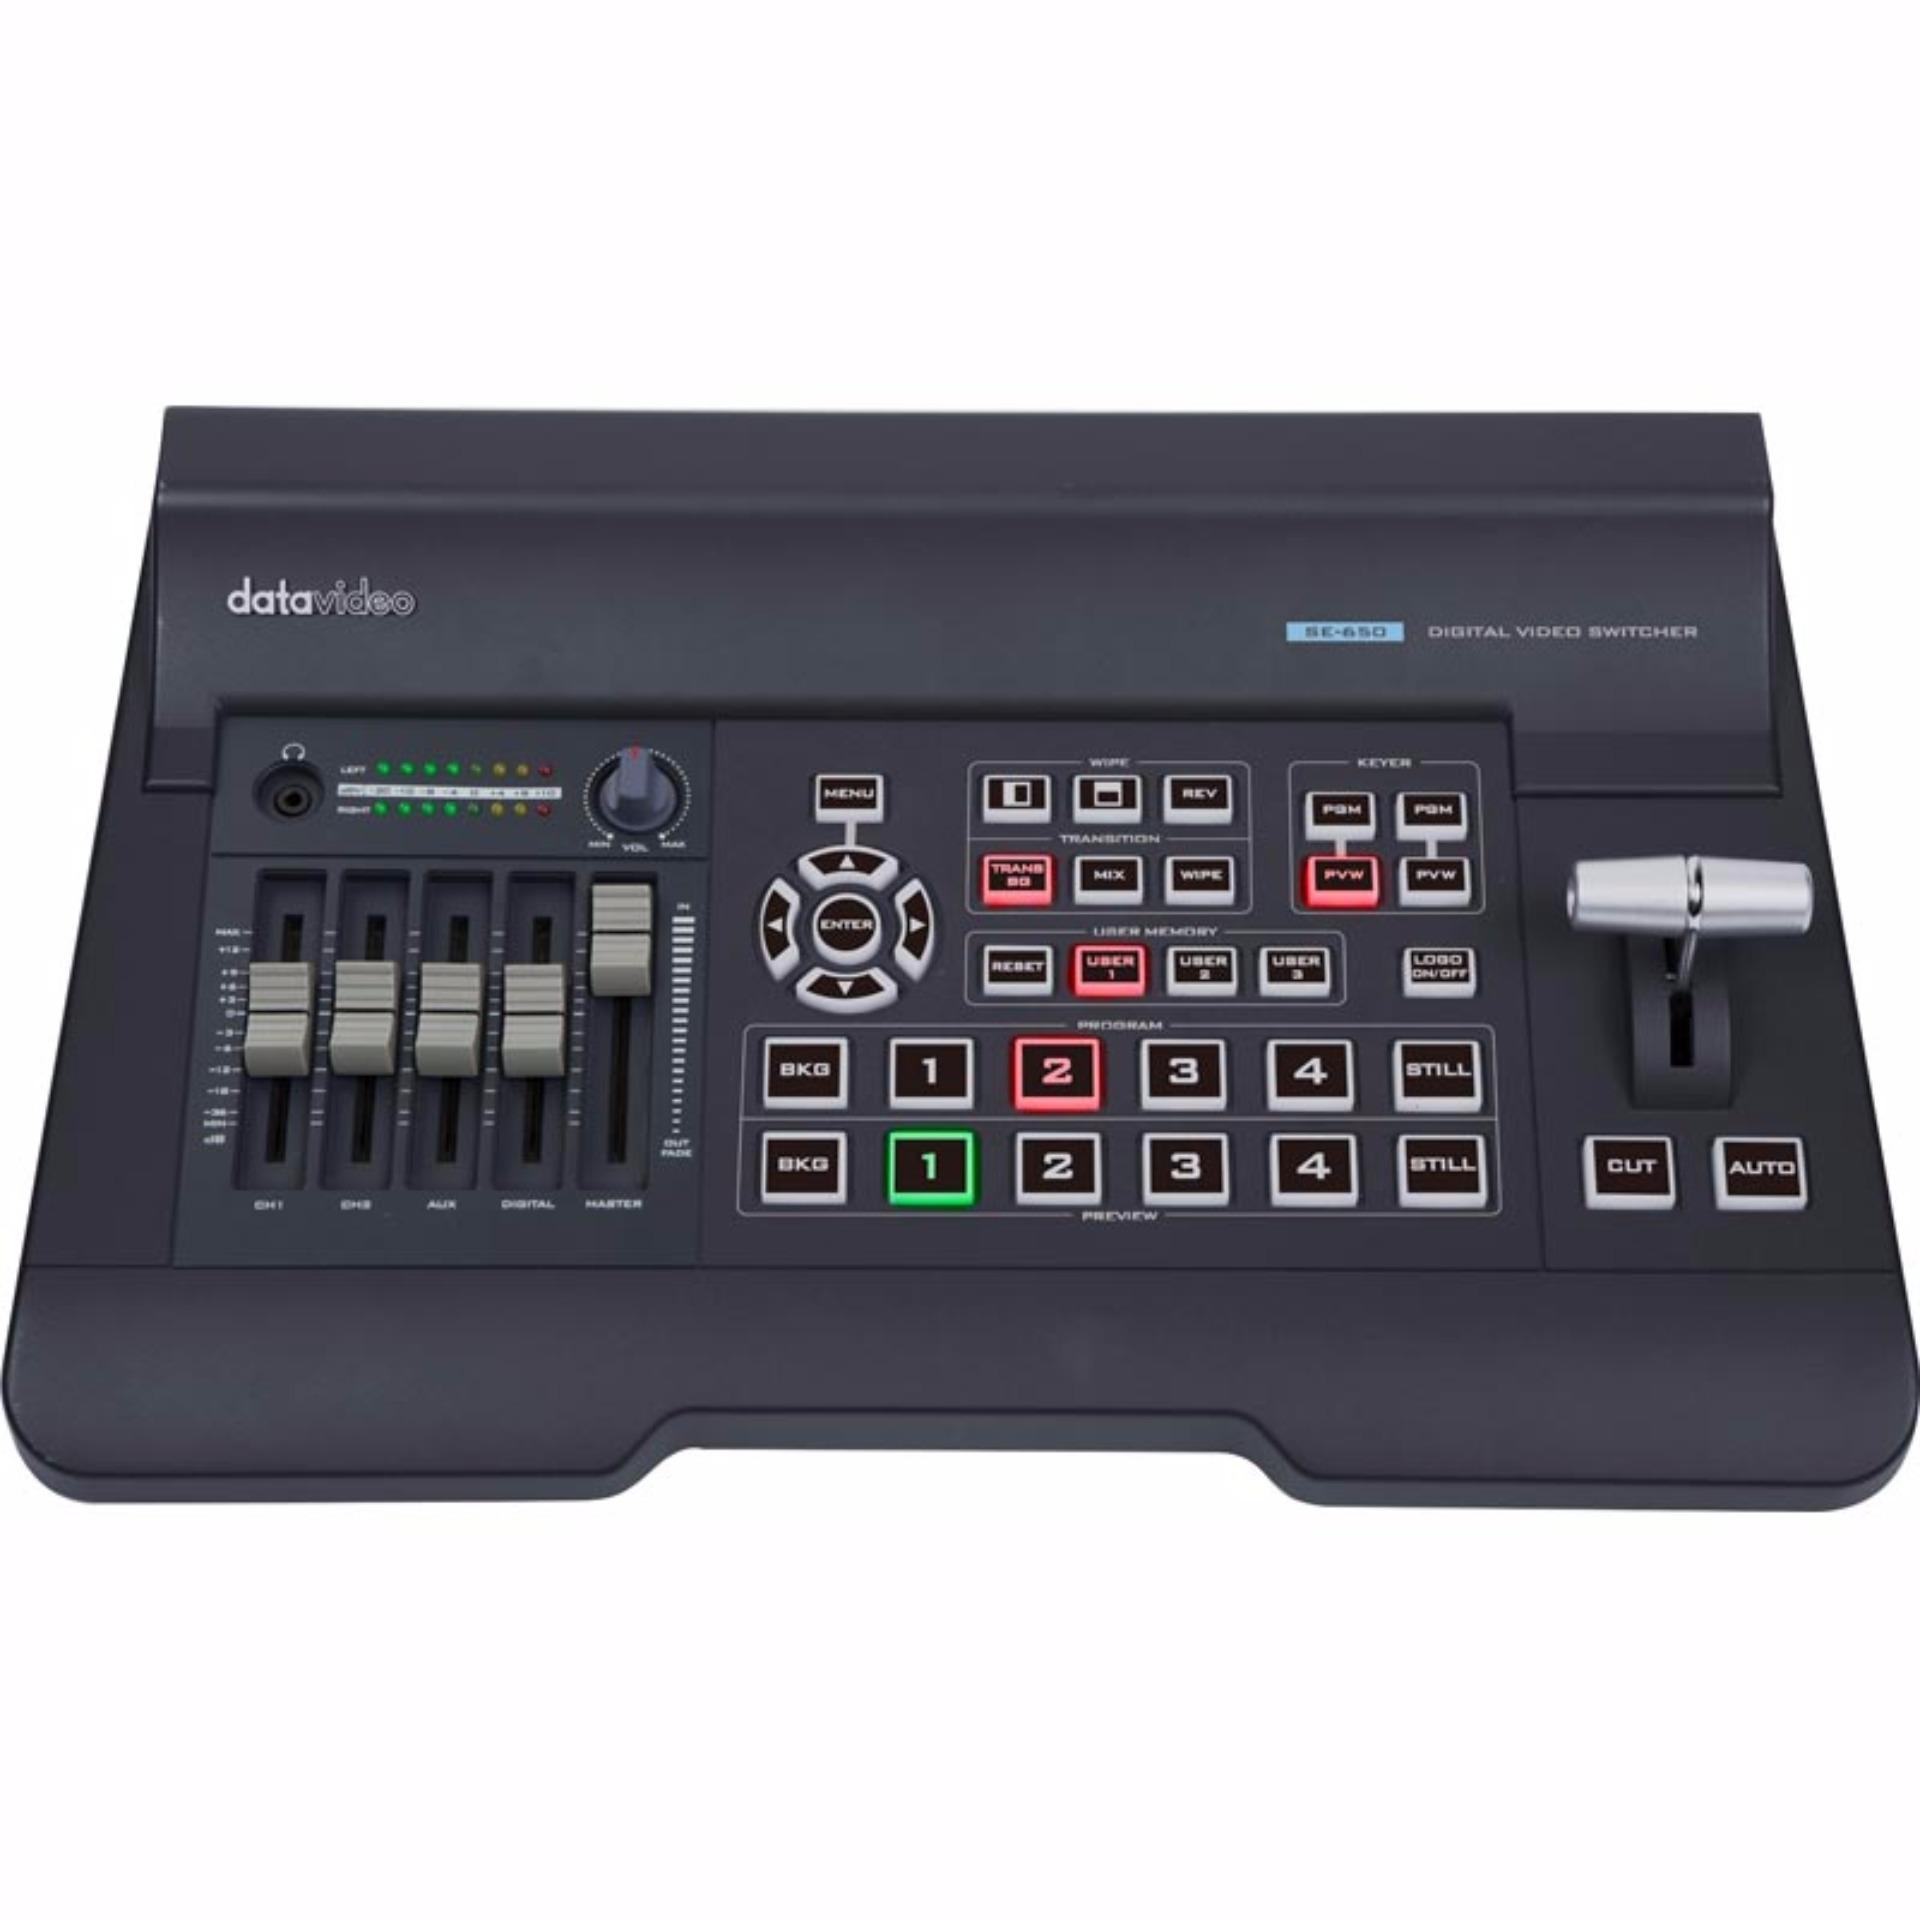 Datavideo SE-650 4-Channel HD Video Switcher